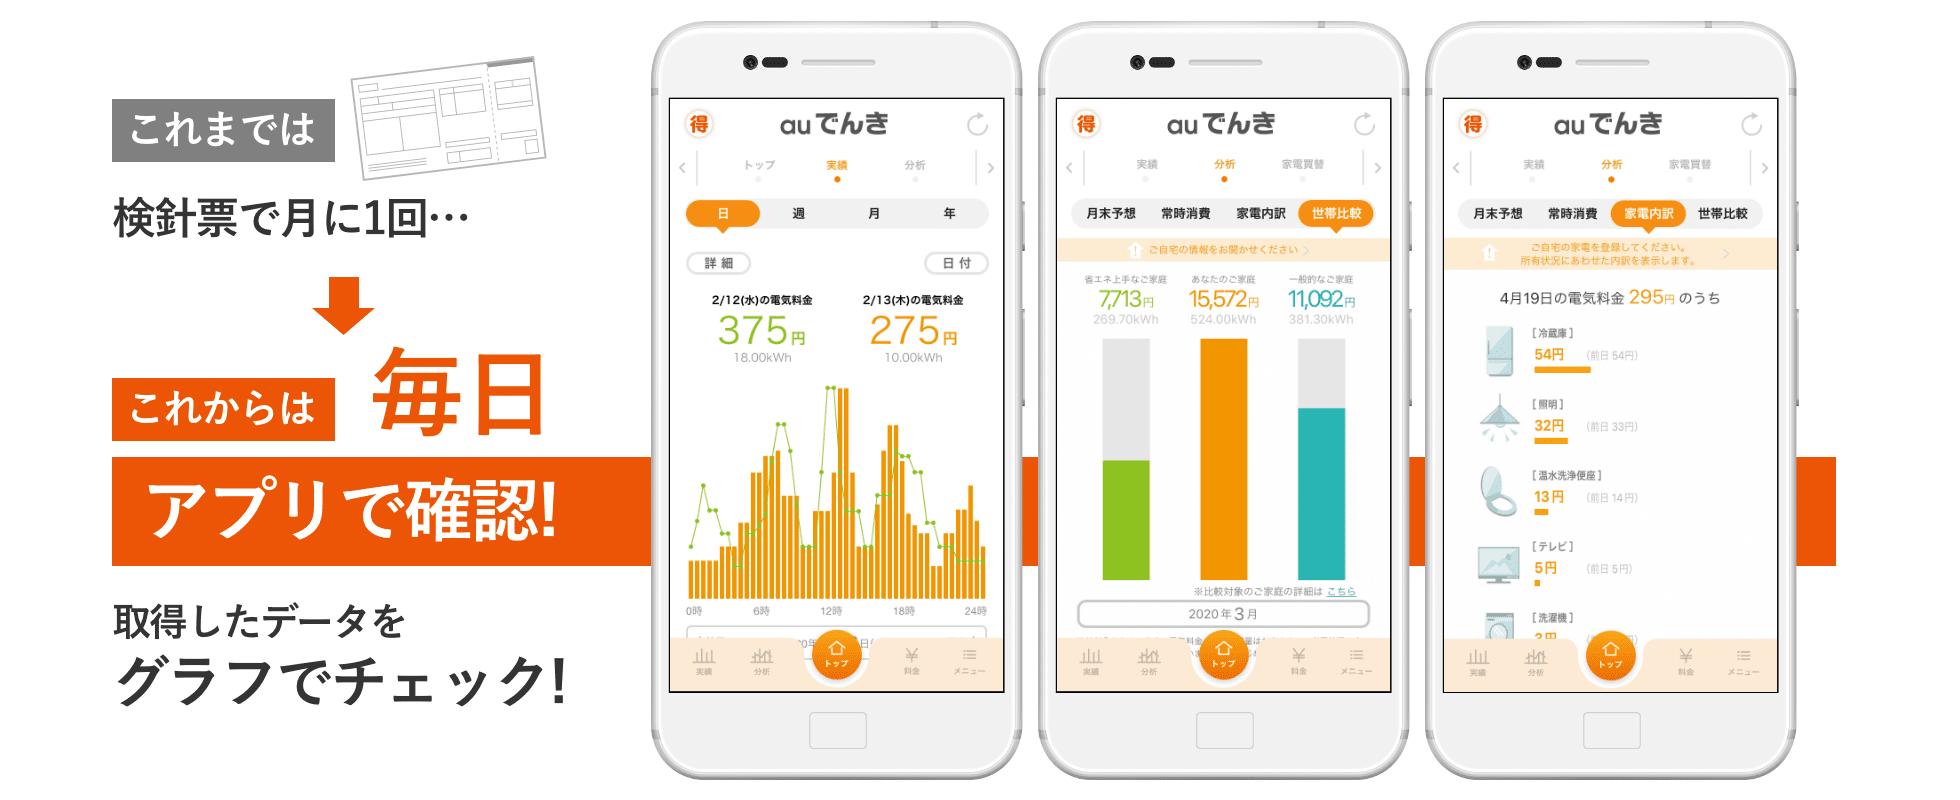 これまでは検針票で月に1回…→これからは毎日アプリで確認!取得したデータをグラフでチェック!